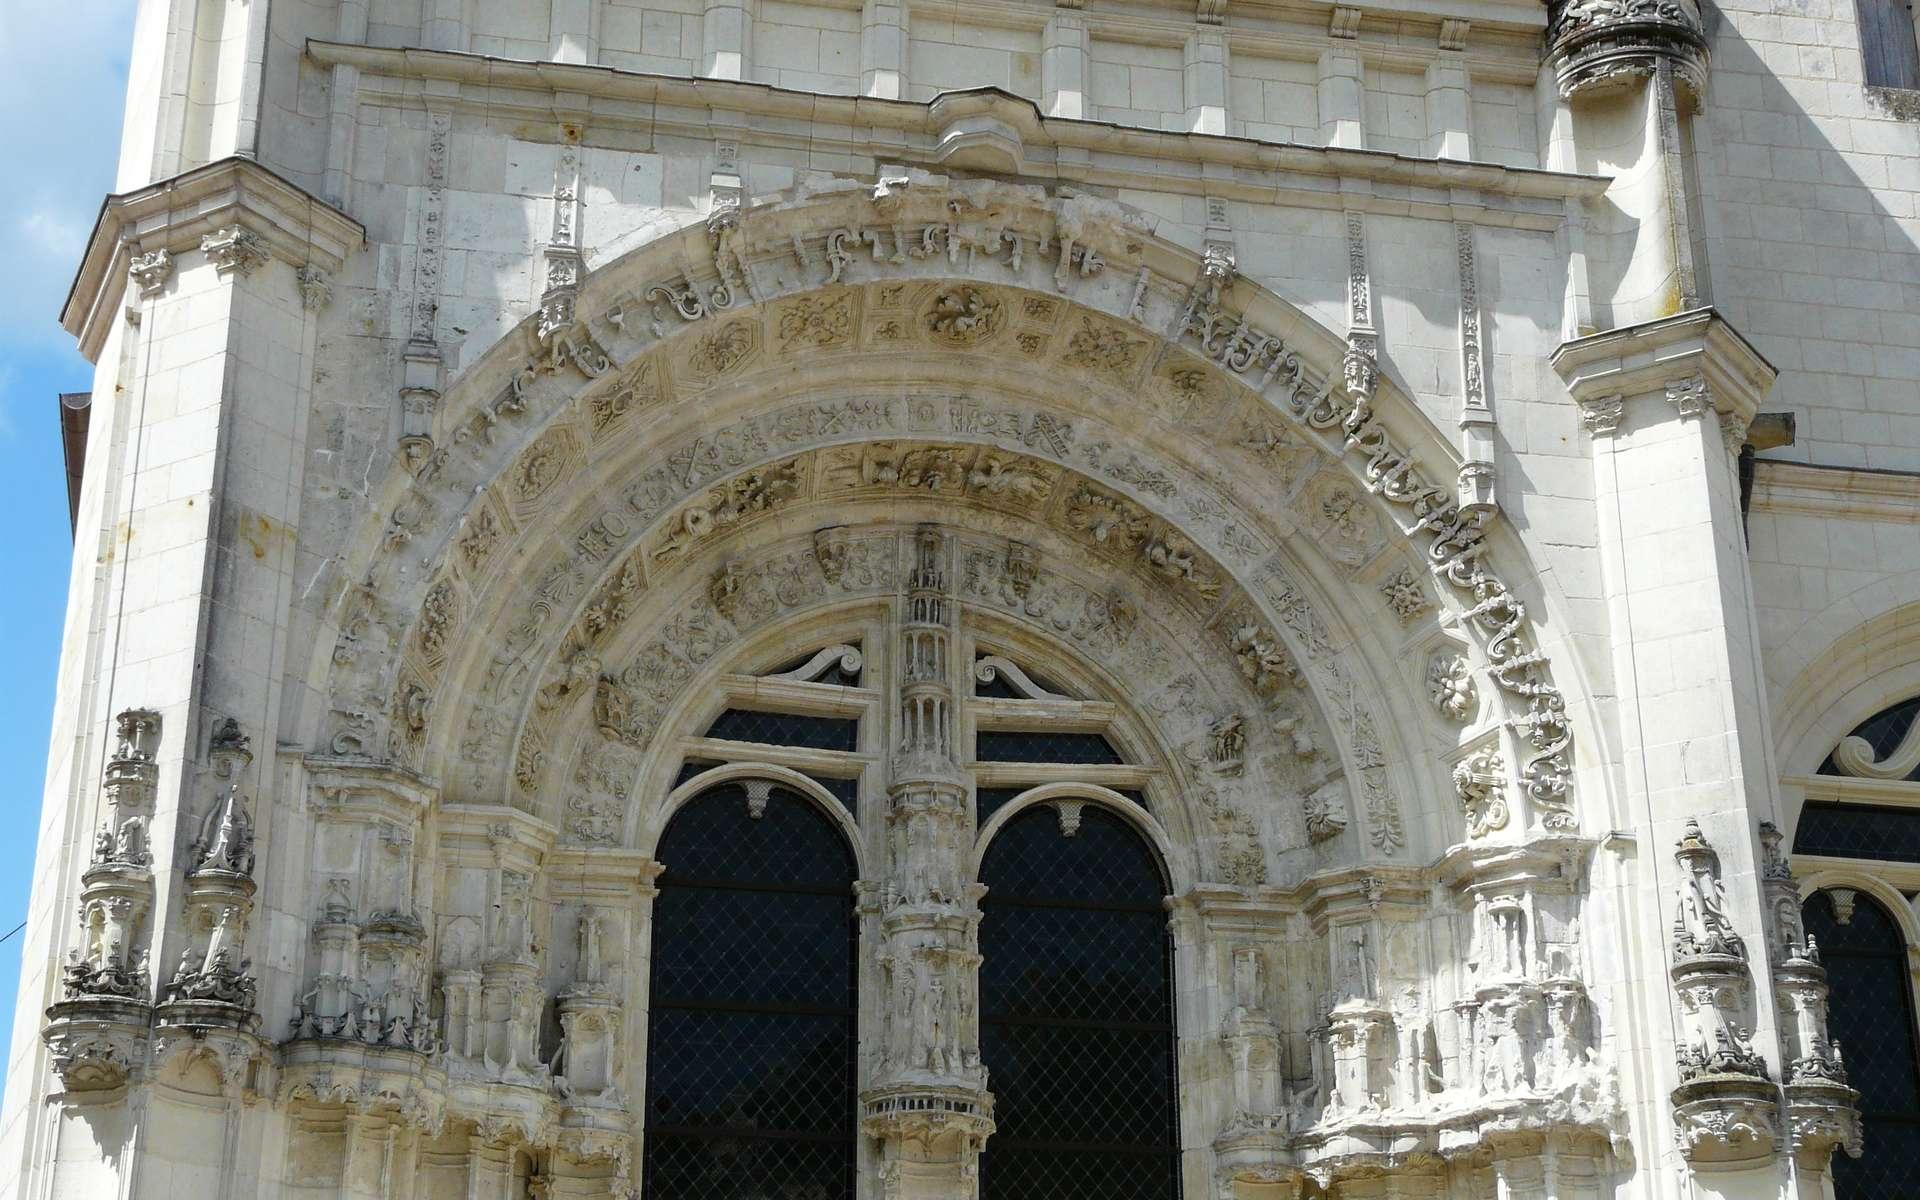 L'archivolte désigne l'ensemble des ornements du pourtour d'un arc ou d'une voûte. Ici, les archivoltes de l'église Saint-Pierre du marché située à Loudun, France. © Père Igor, CC BY-SA 3.0, Wikimedia Commons